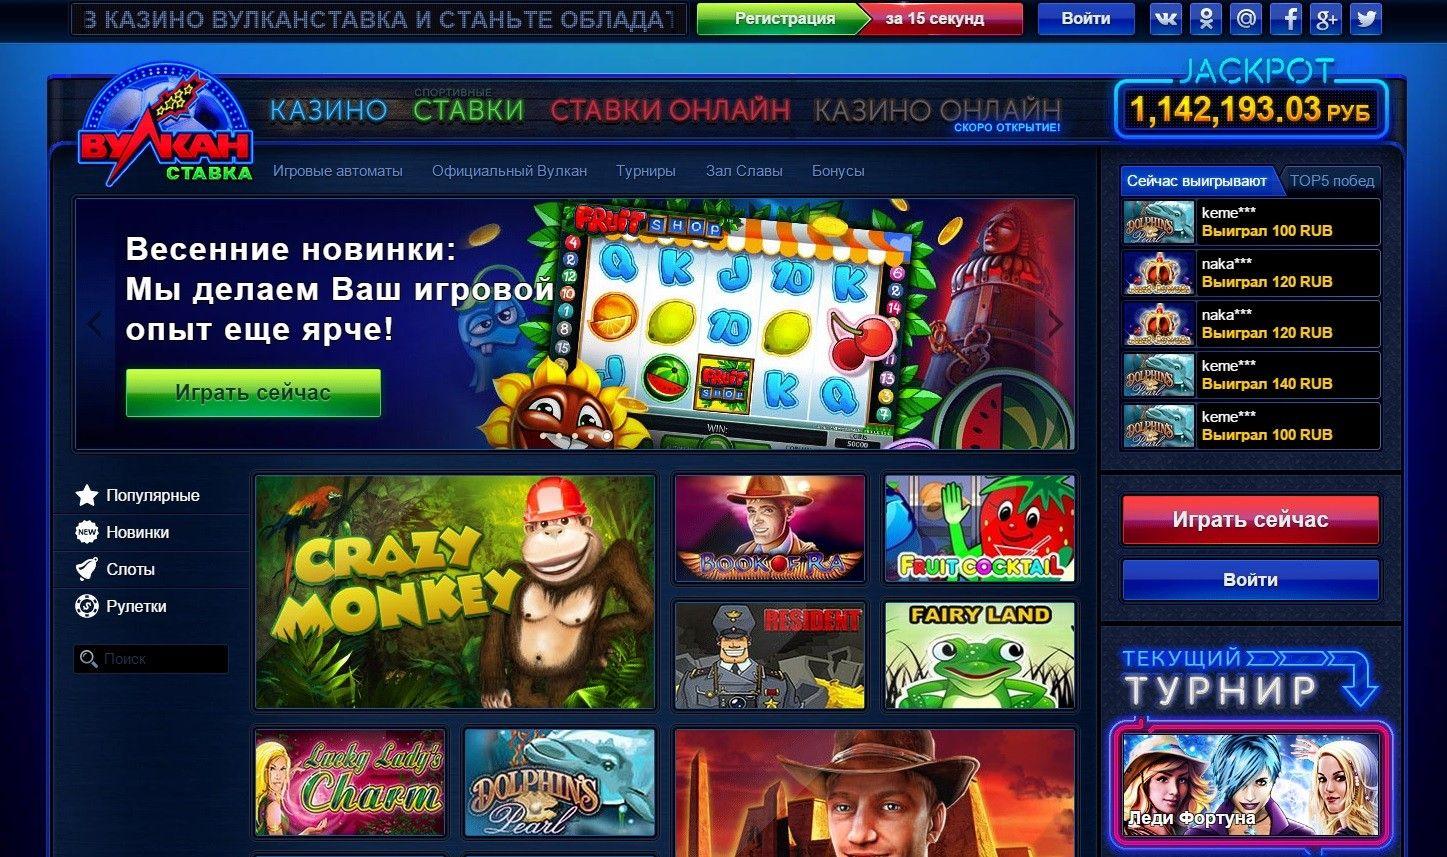 Гладиатор игровые автоматы бесплатно